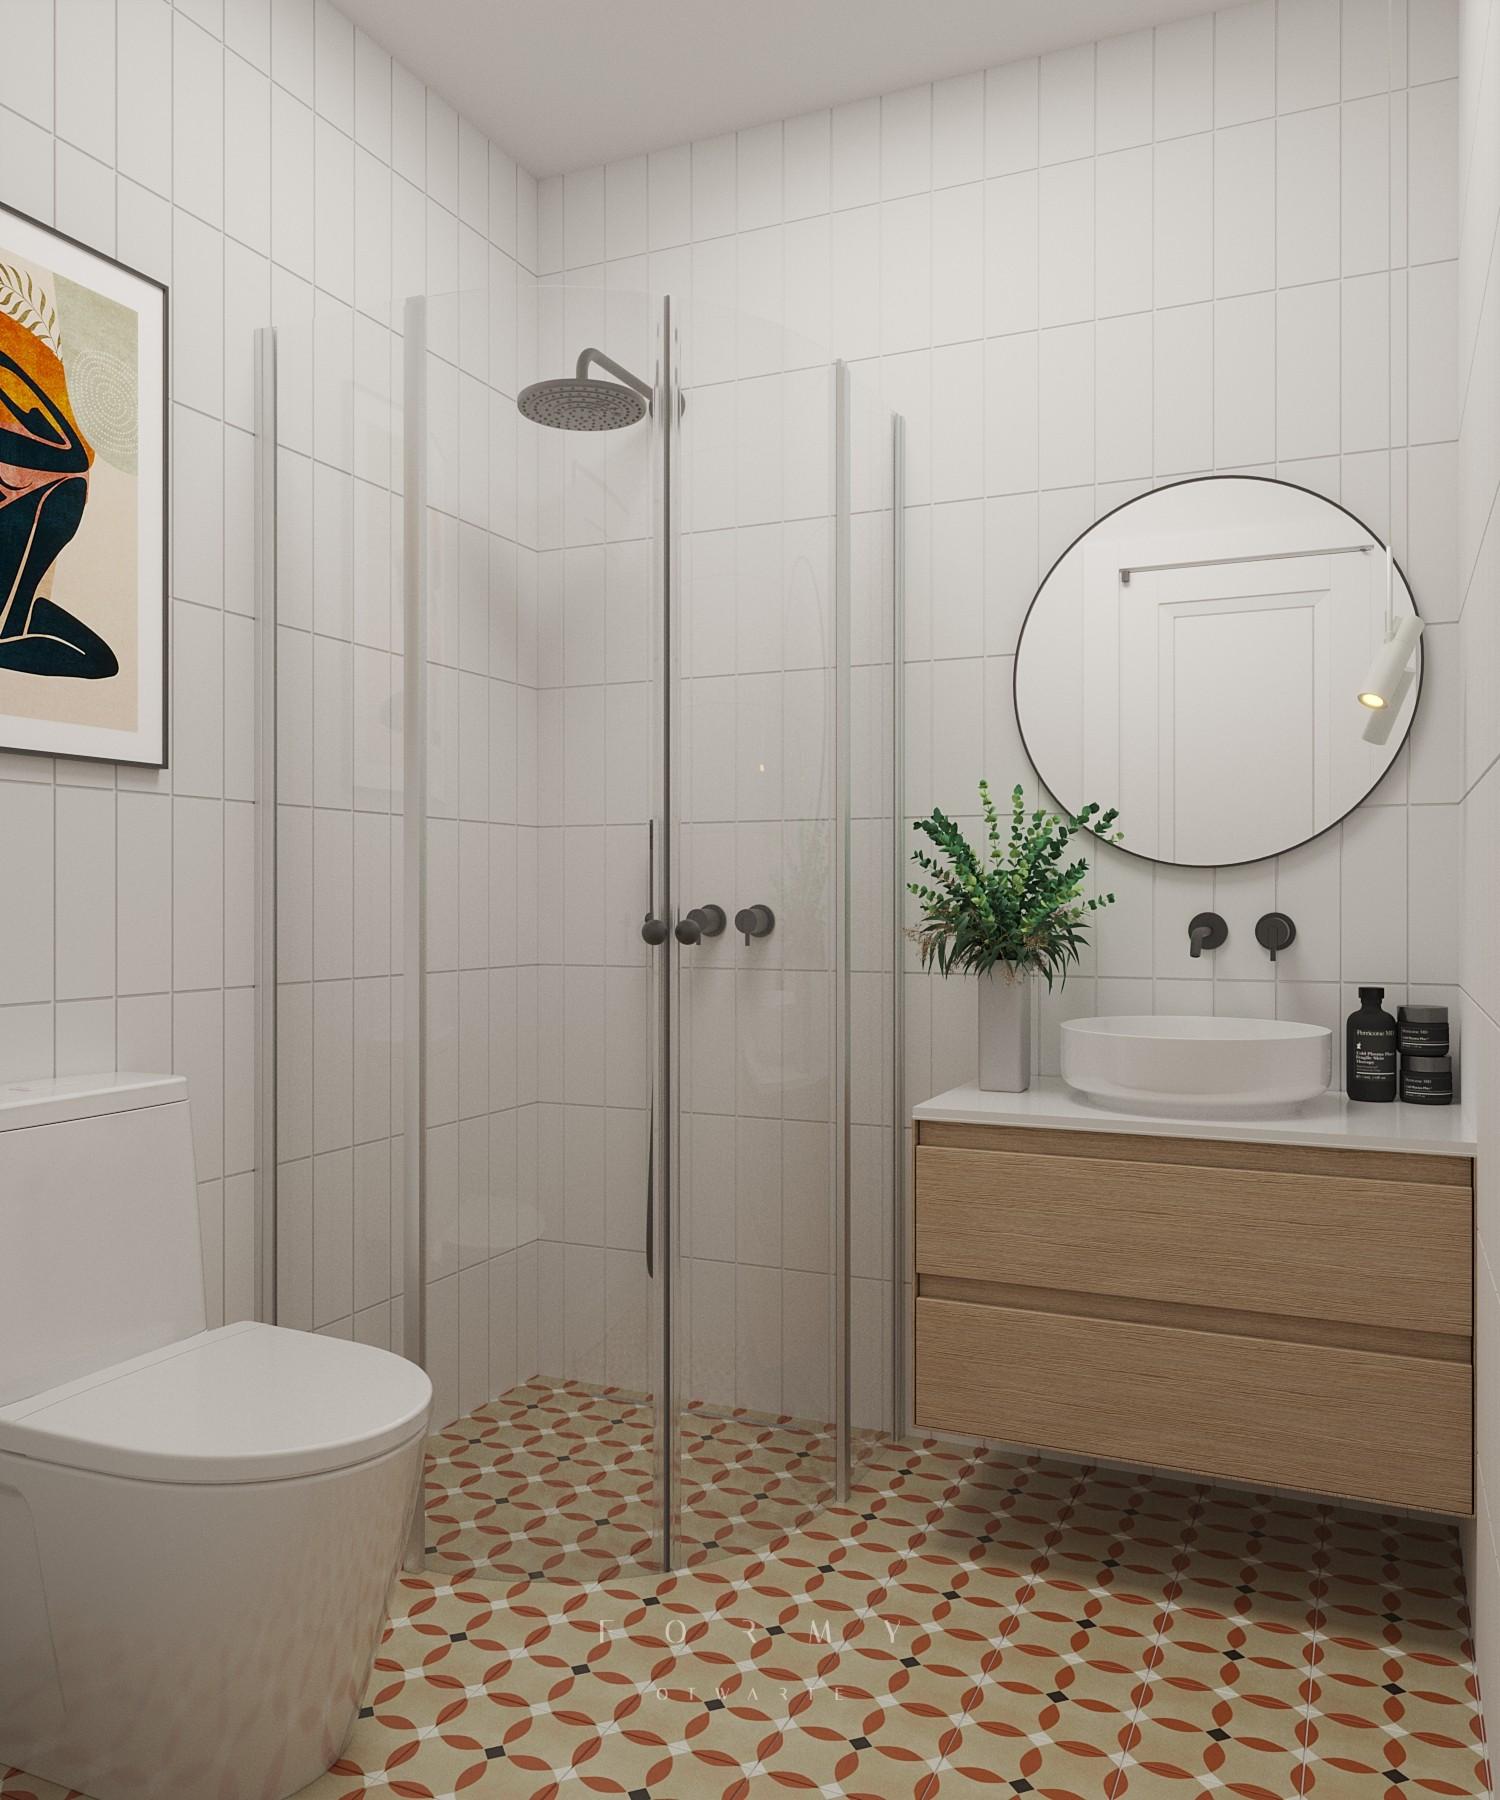 łazienka c1-4